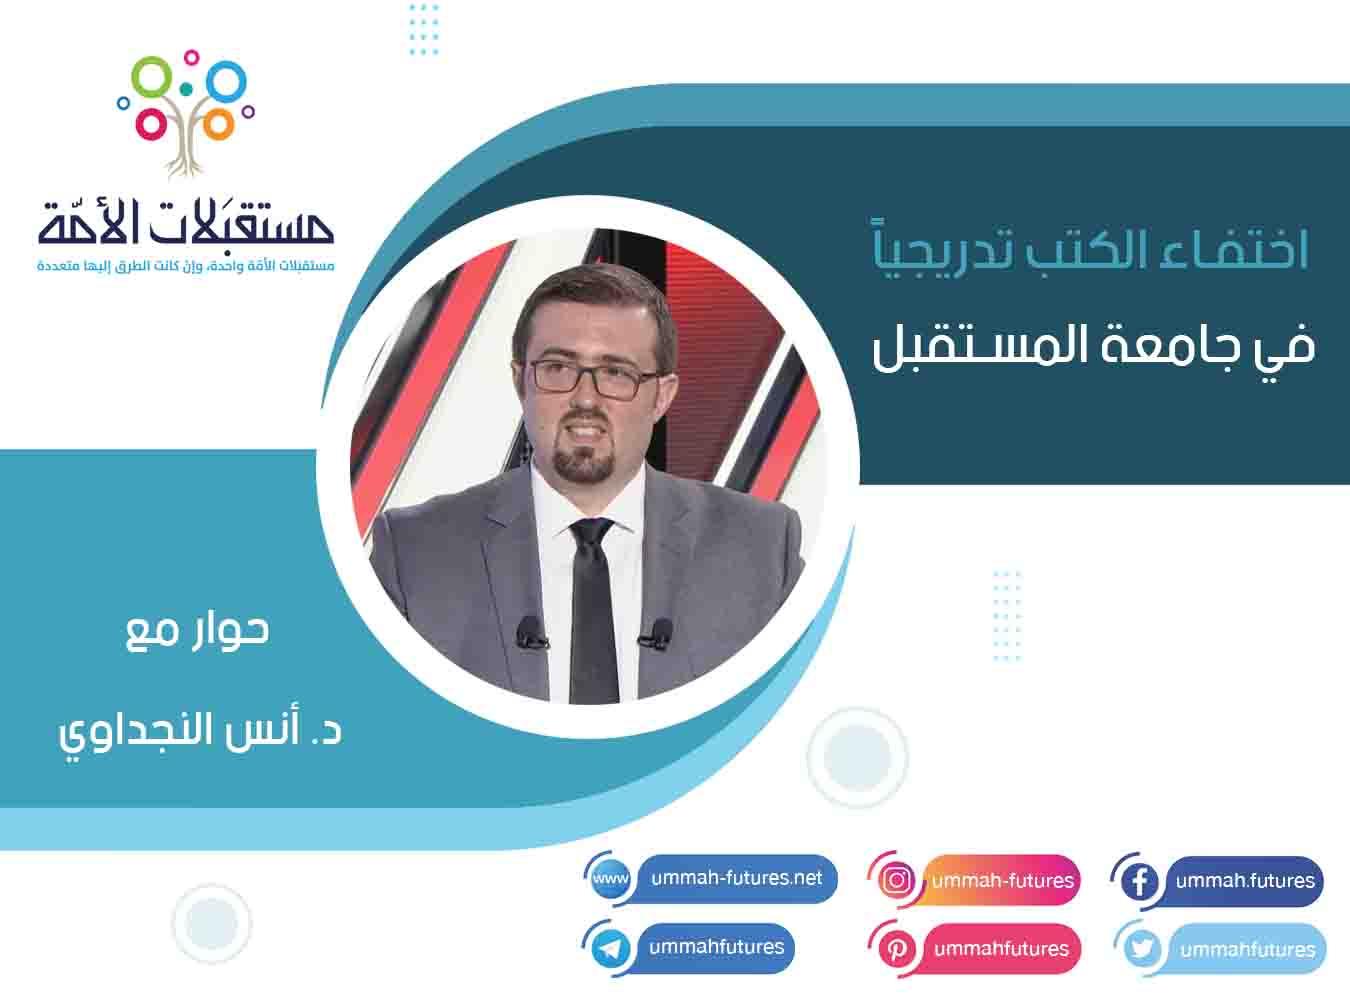 اختفاء الكتب تدريجيا في جامعة المستقبل   حوار مع د. أنس النجداوي